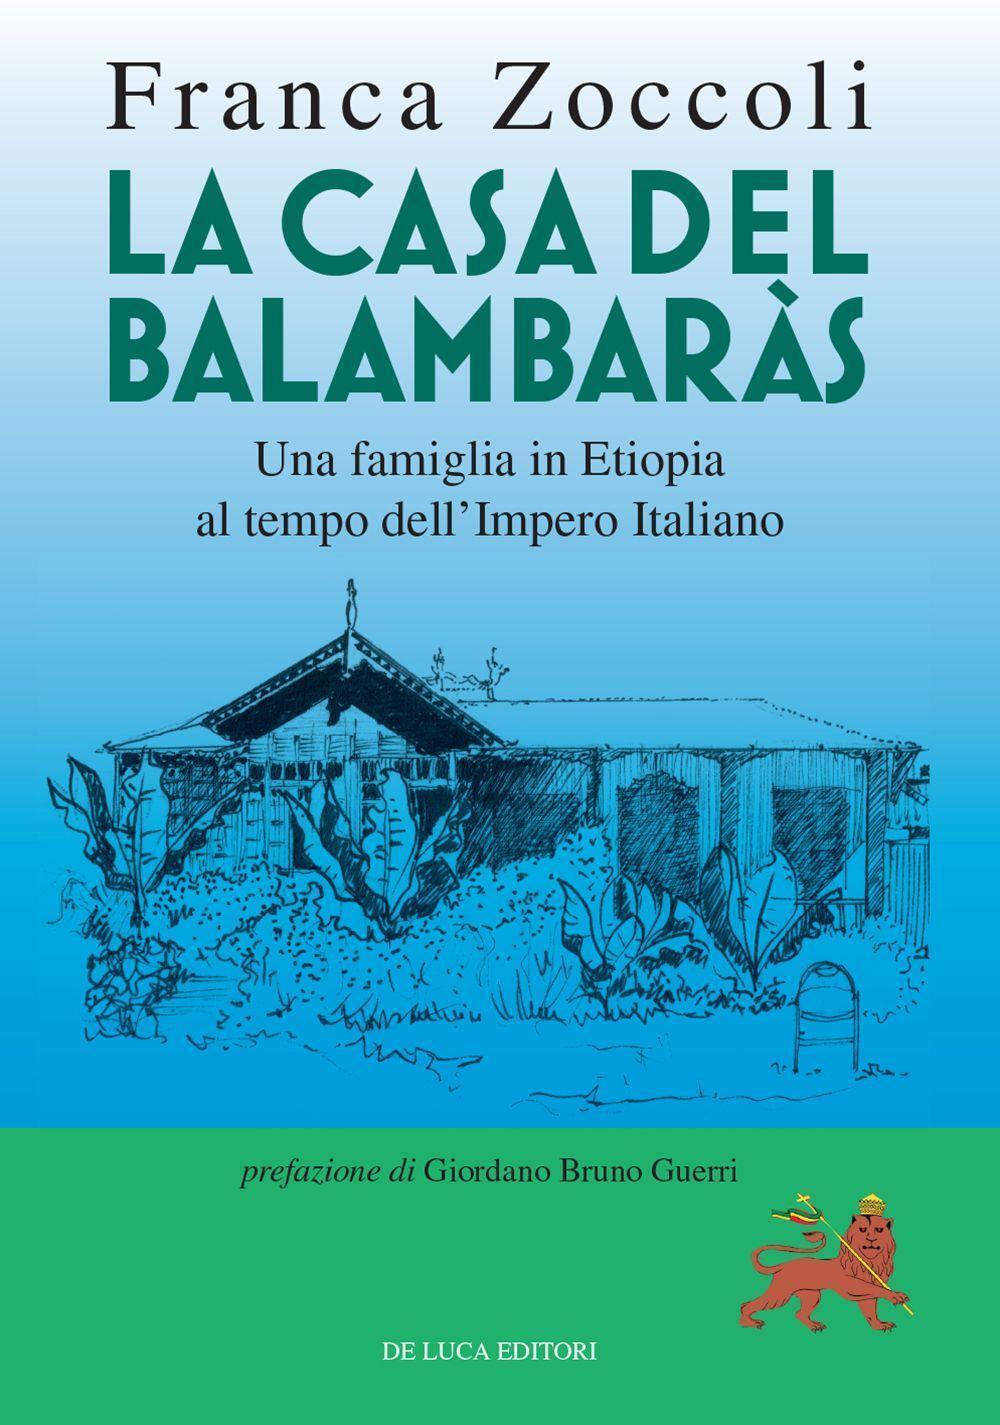 La casa del balambar s una famiglia in etiopia al tempo dell 39 impero italiano franca zoccoli - La casa de luca ...